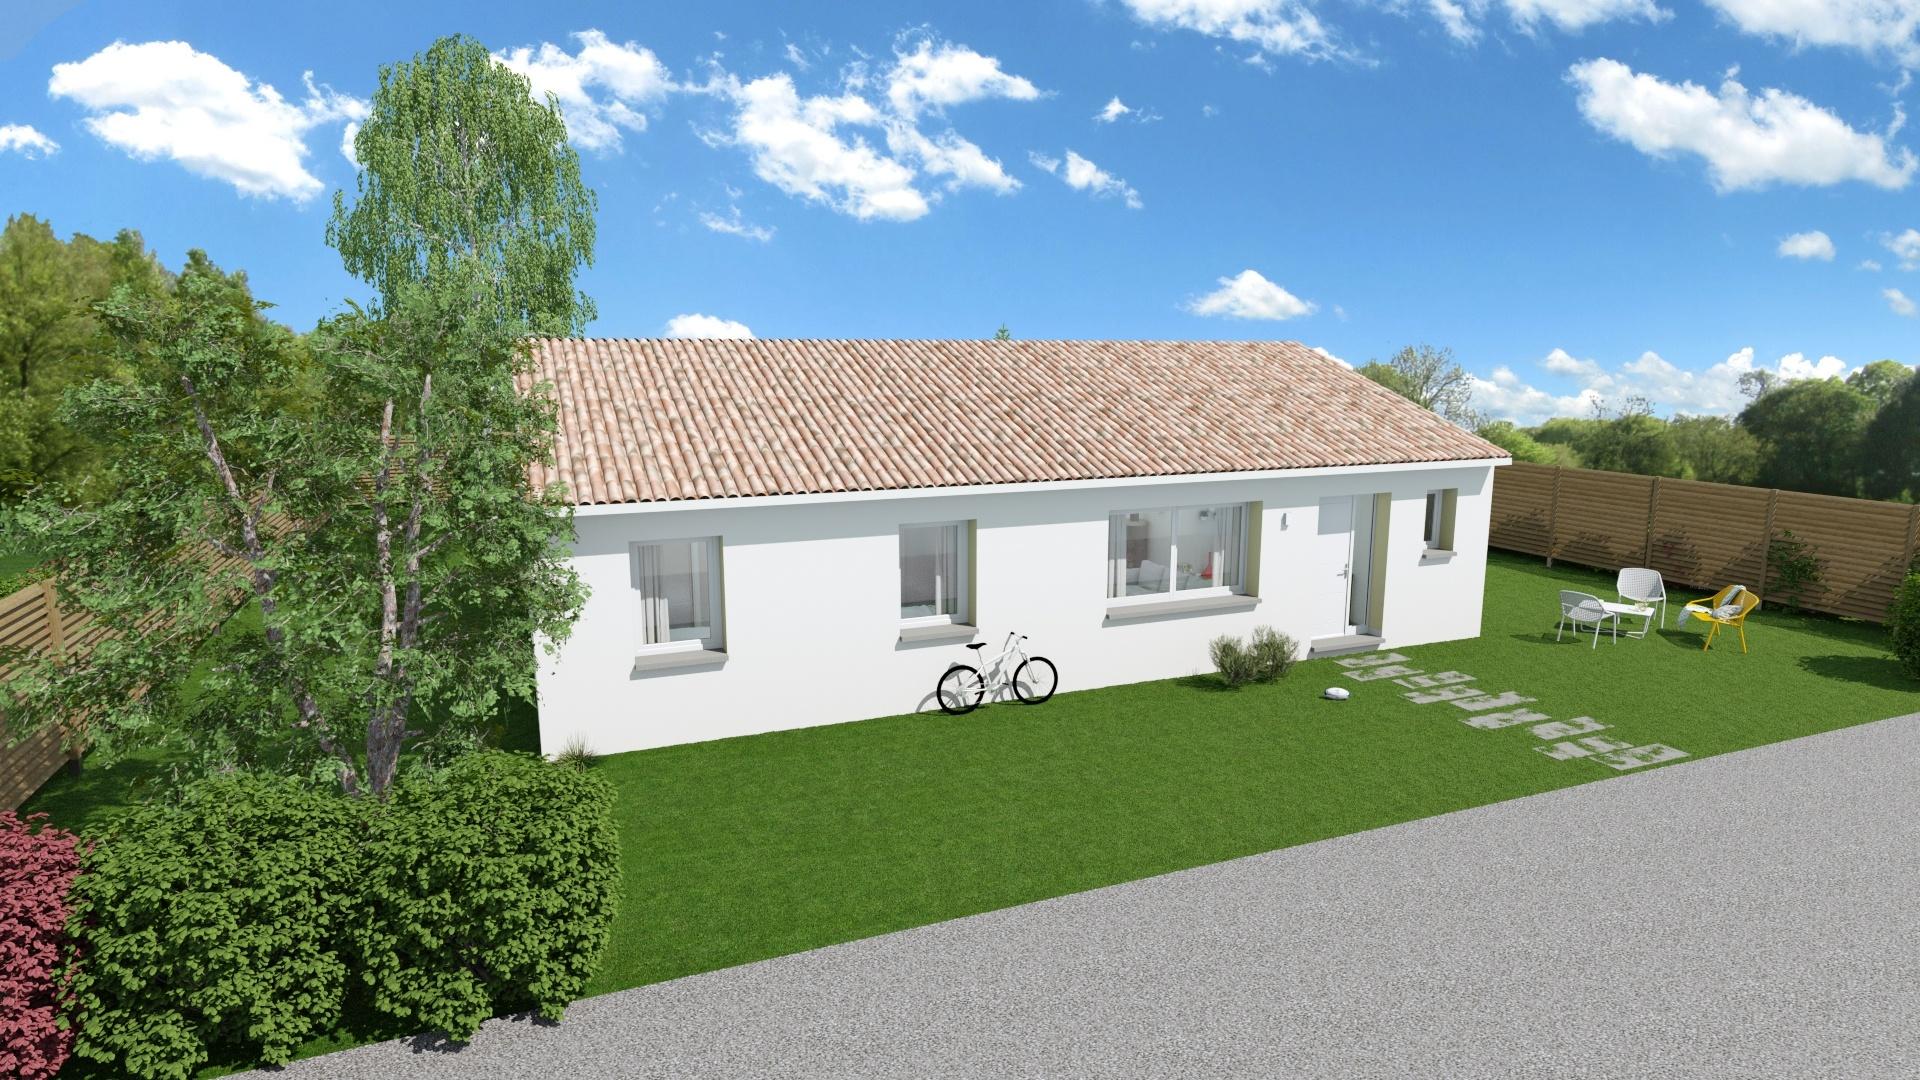 Maisons + Terrains du constructeur Maison Familiale Toulouse • 117 m² • MIREMONT